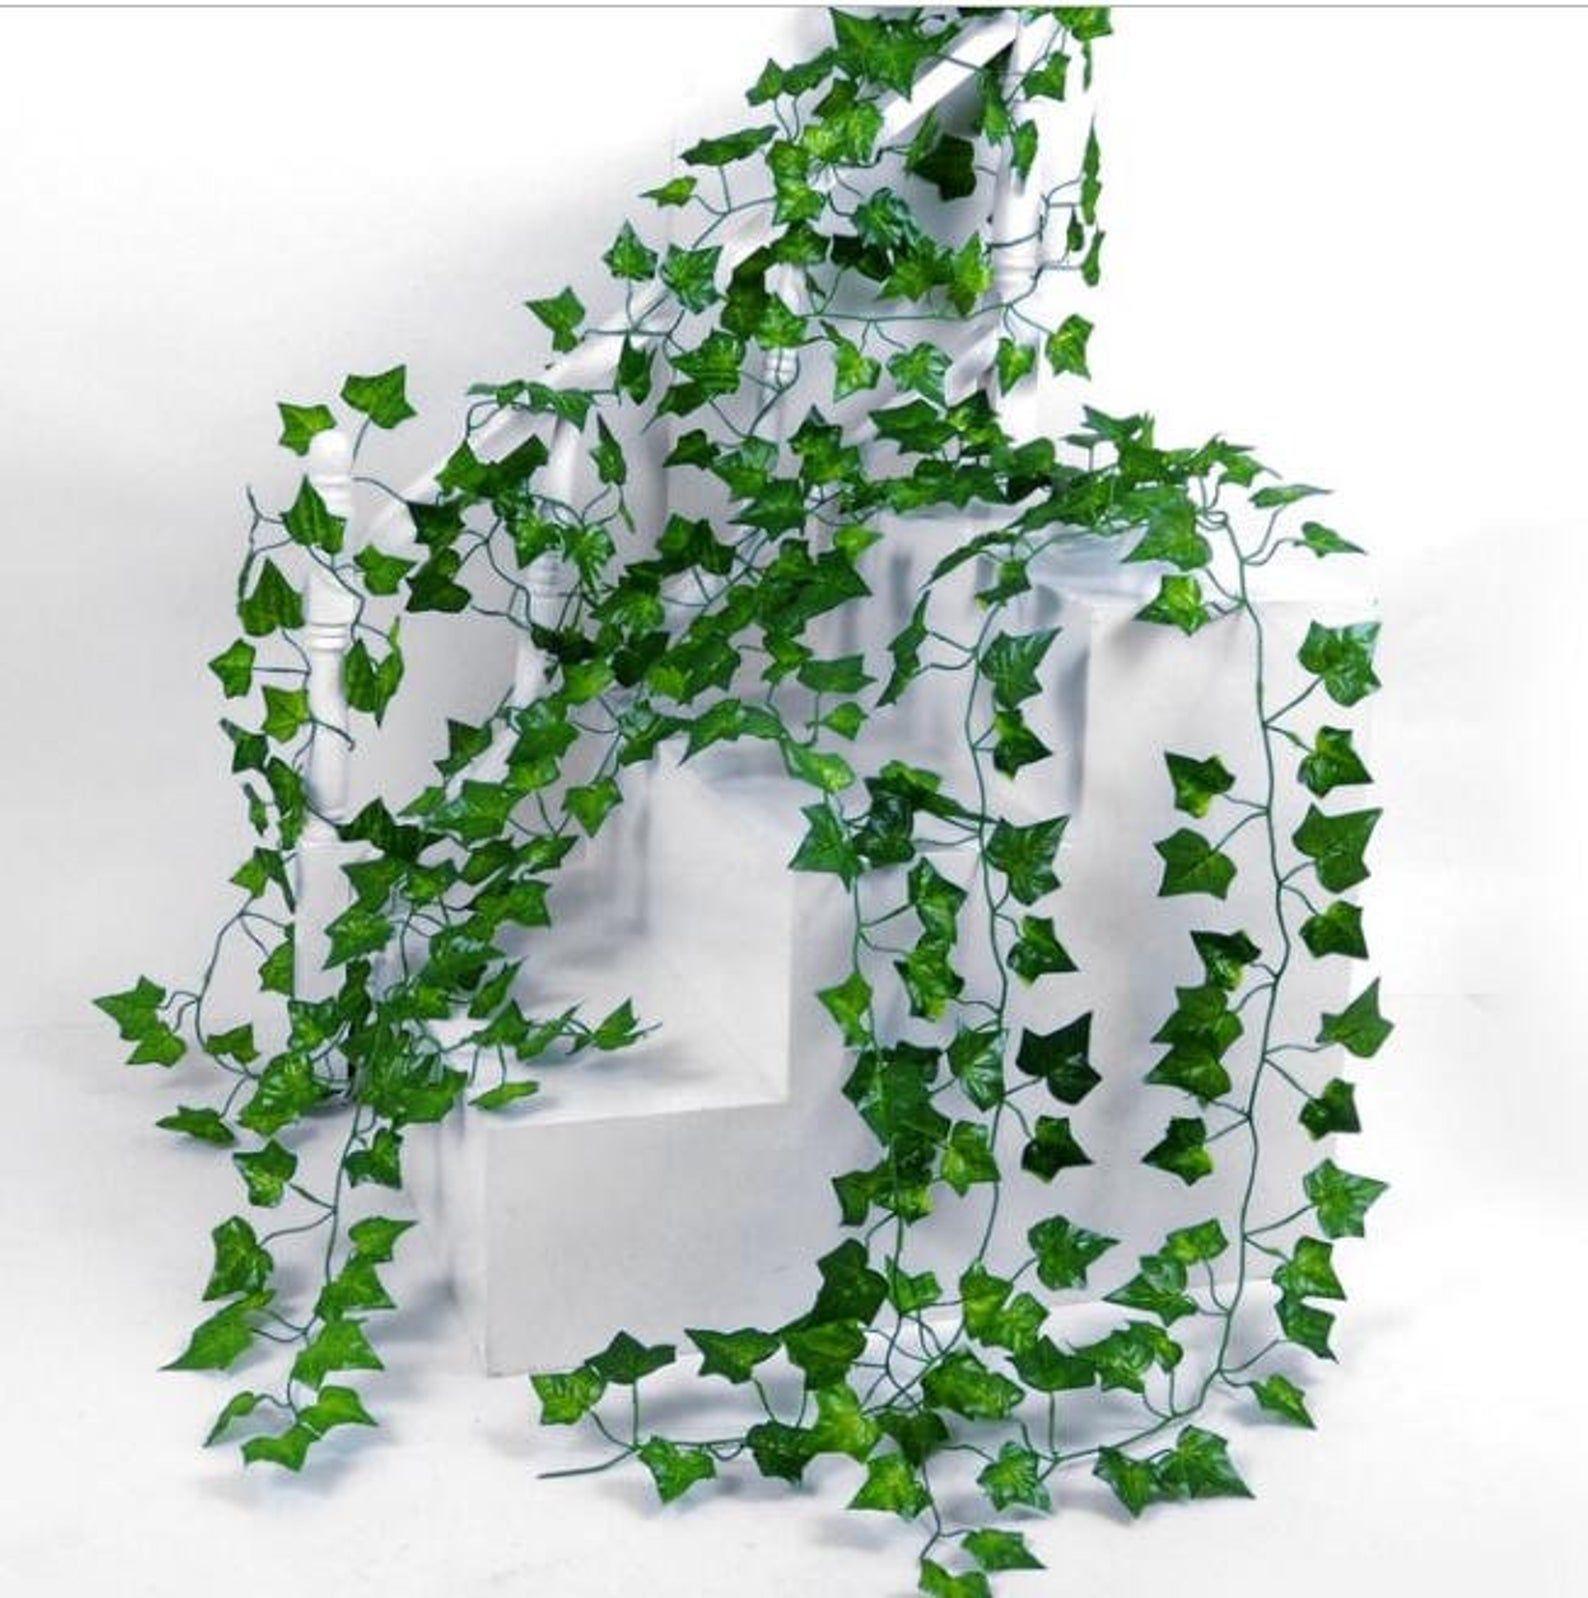 2m Artificial Eucalyptus Garland Green Vine Foliage Silk Ivy Leaf Decor Wedding